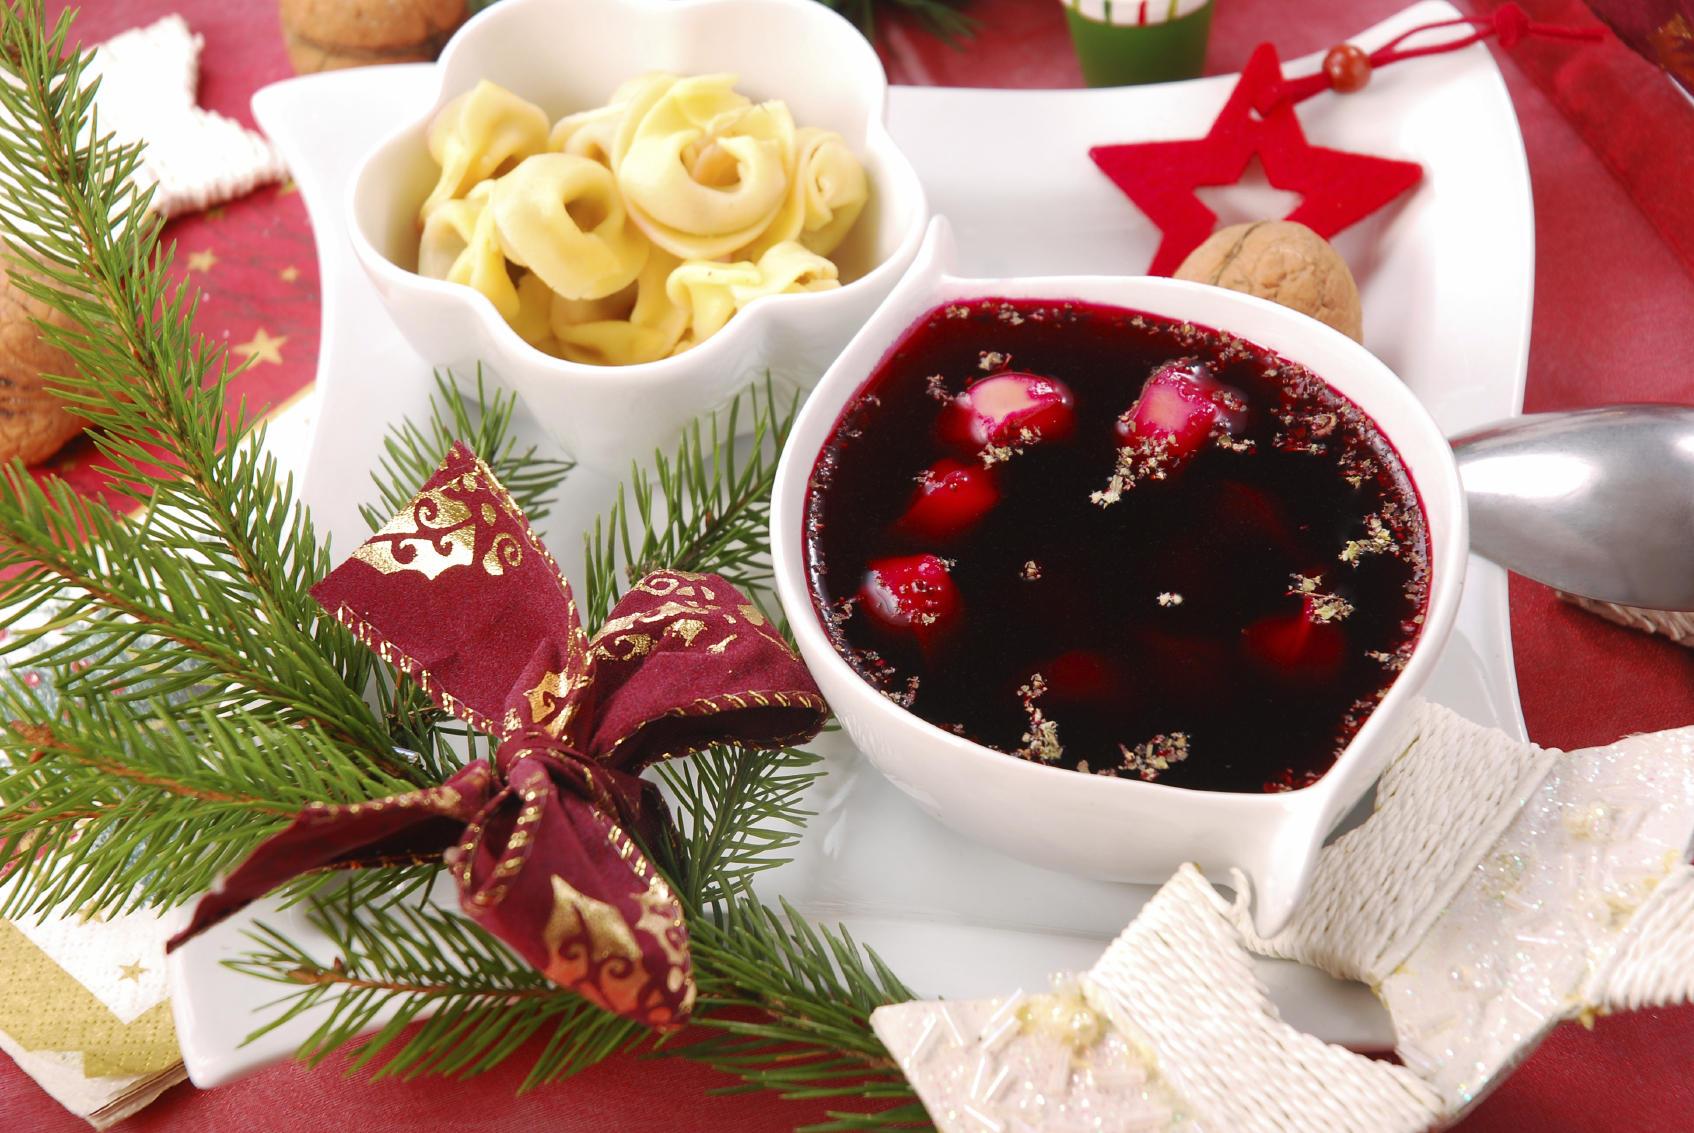 weihnachtsessen international das isst europa zu weihnachten. Black Bedroom Furniture Sets. Home Design Ideas